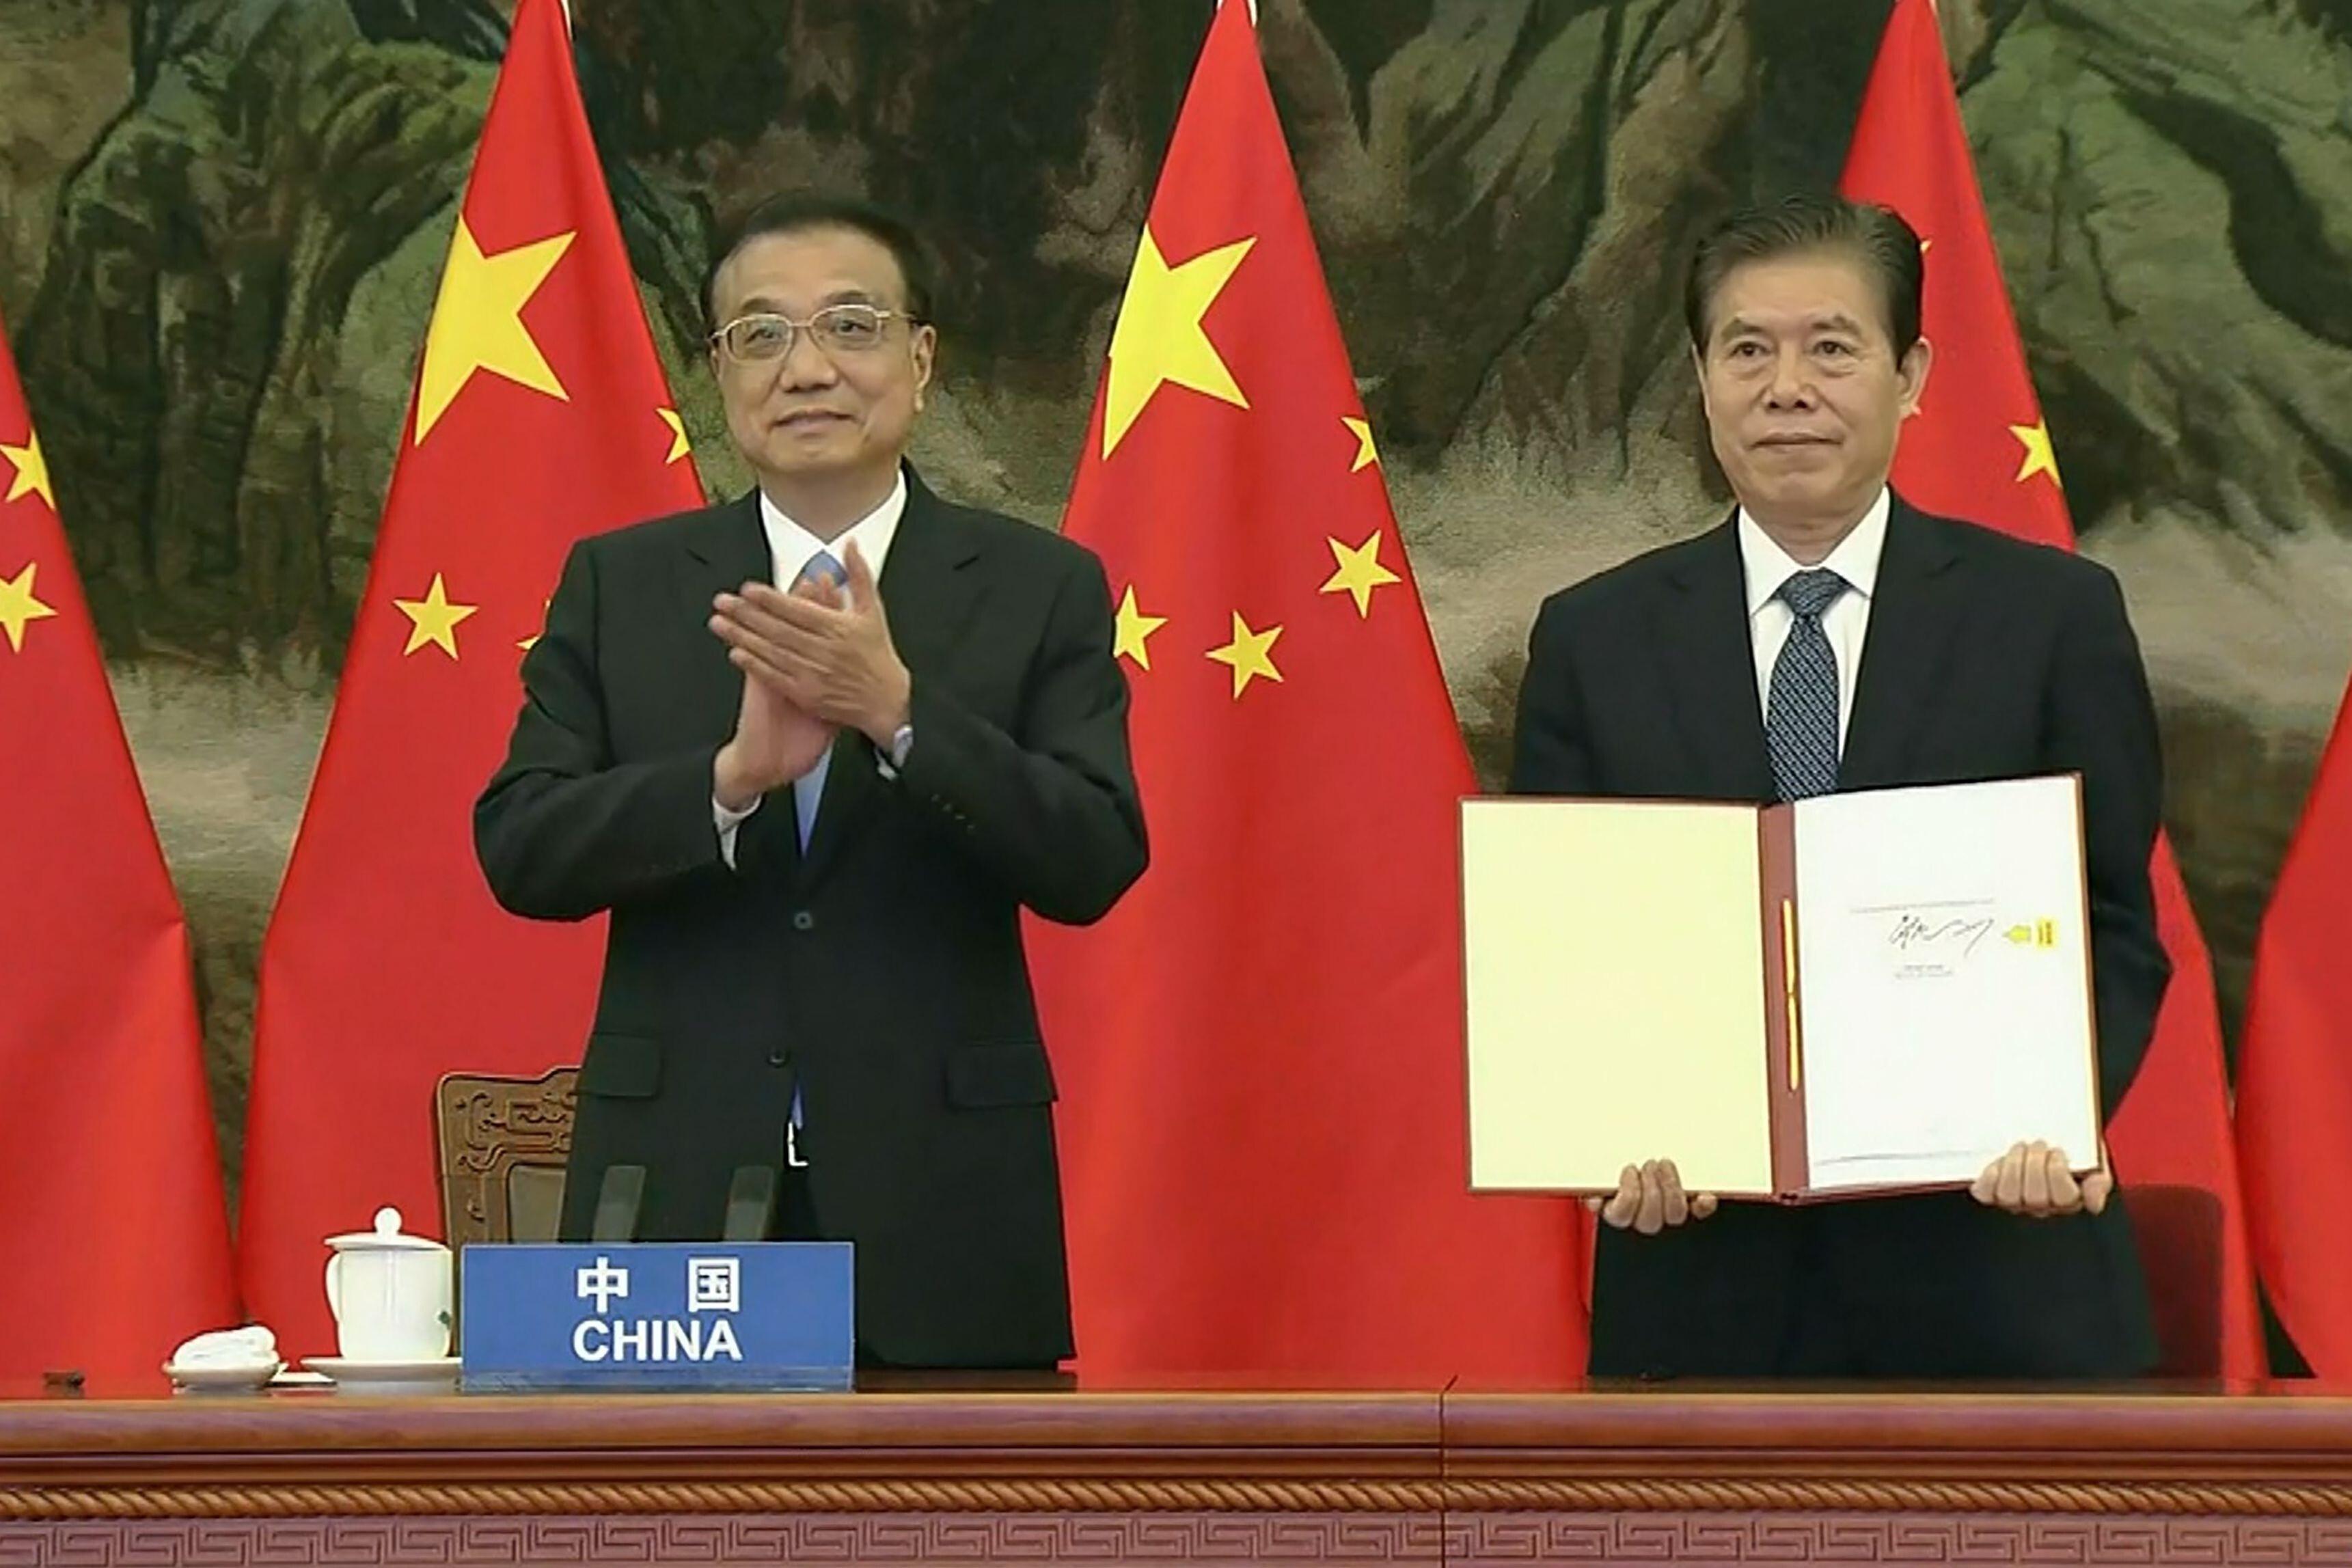 Thực chất kinh tế Trung Quốc đang đứng đâu trong cỗ máy kinh tế toàn cầu? - 9